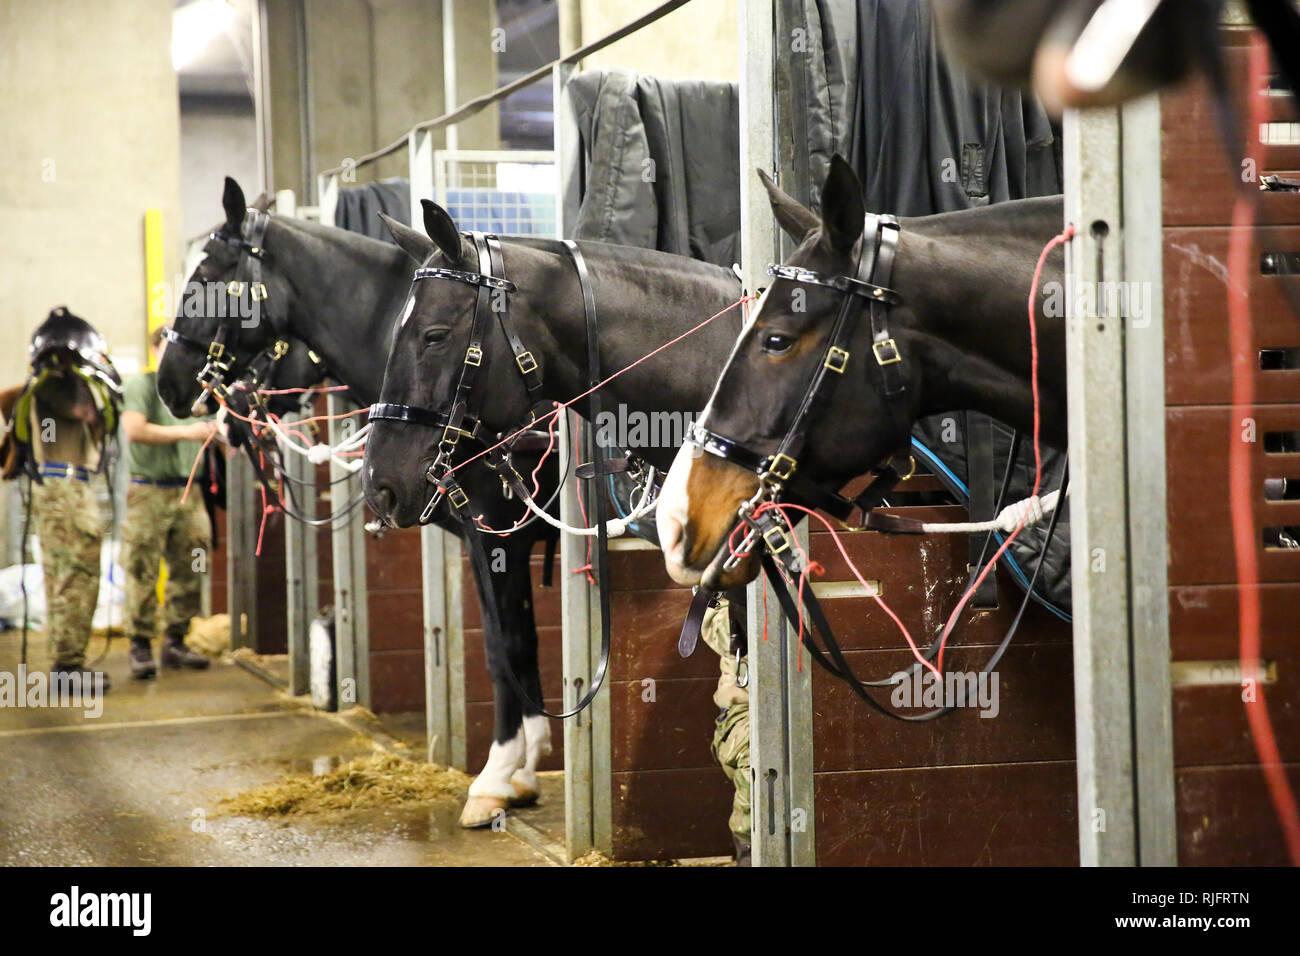 La Caserne Wellington. London, UK, 6 févr. 2019 - Les membres de la troupe du Roi Royal Horse Artillery préparer leurs chevaux dans leurs étables temporaires dans la caserne Wellington. Plus tard aujourd'hui, ils montent leurs chevaux et chariots d'armes à feu jusqu'à pied, Birdcage passé le Palais de Buckingham et le feu d'une salve de 41 pour marquer le 67e anniversaire de la reine Elizabeth II, accession au trône, dans Green Park. Credit: Dinendra Haria/Alamy Live News Photo Stock